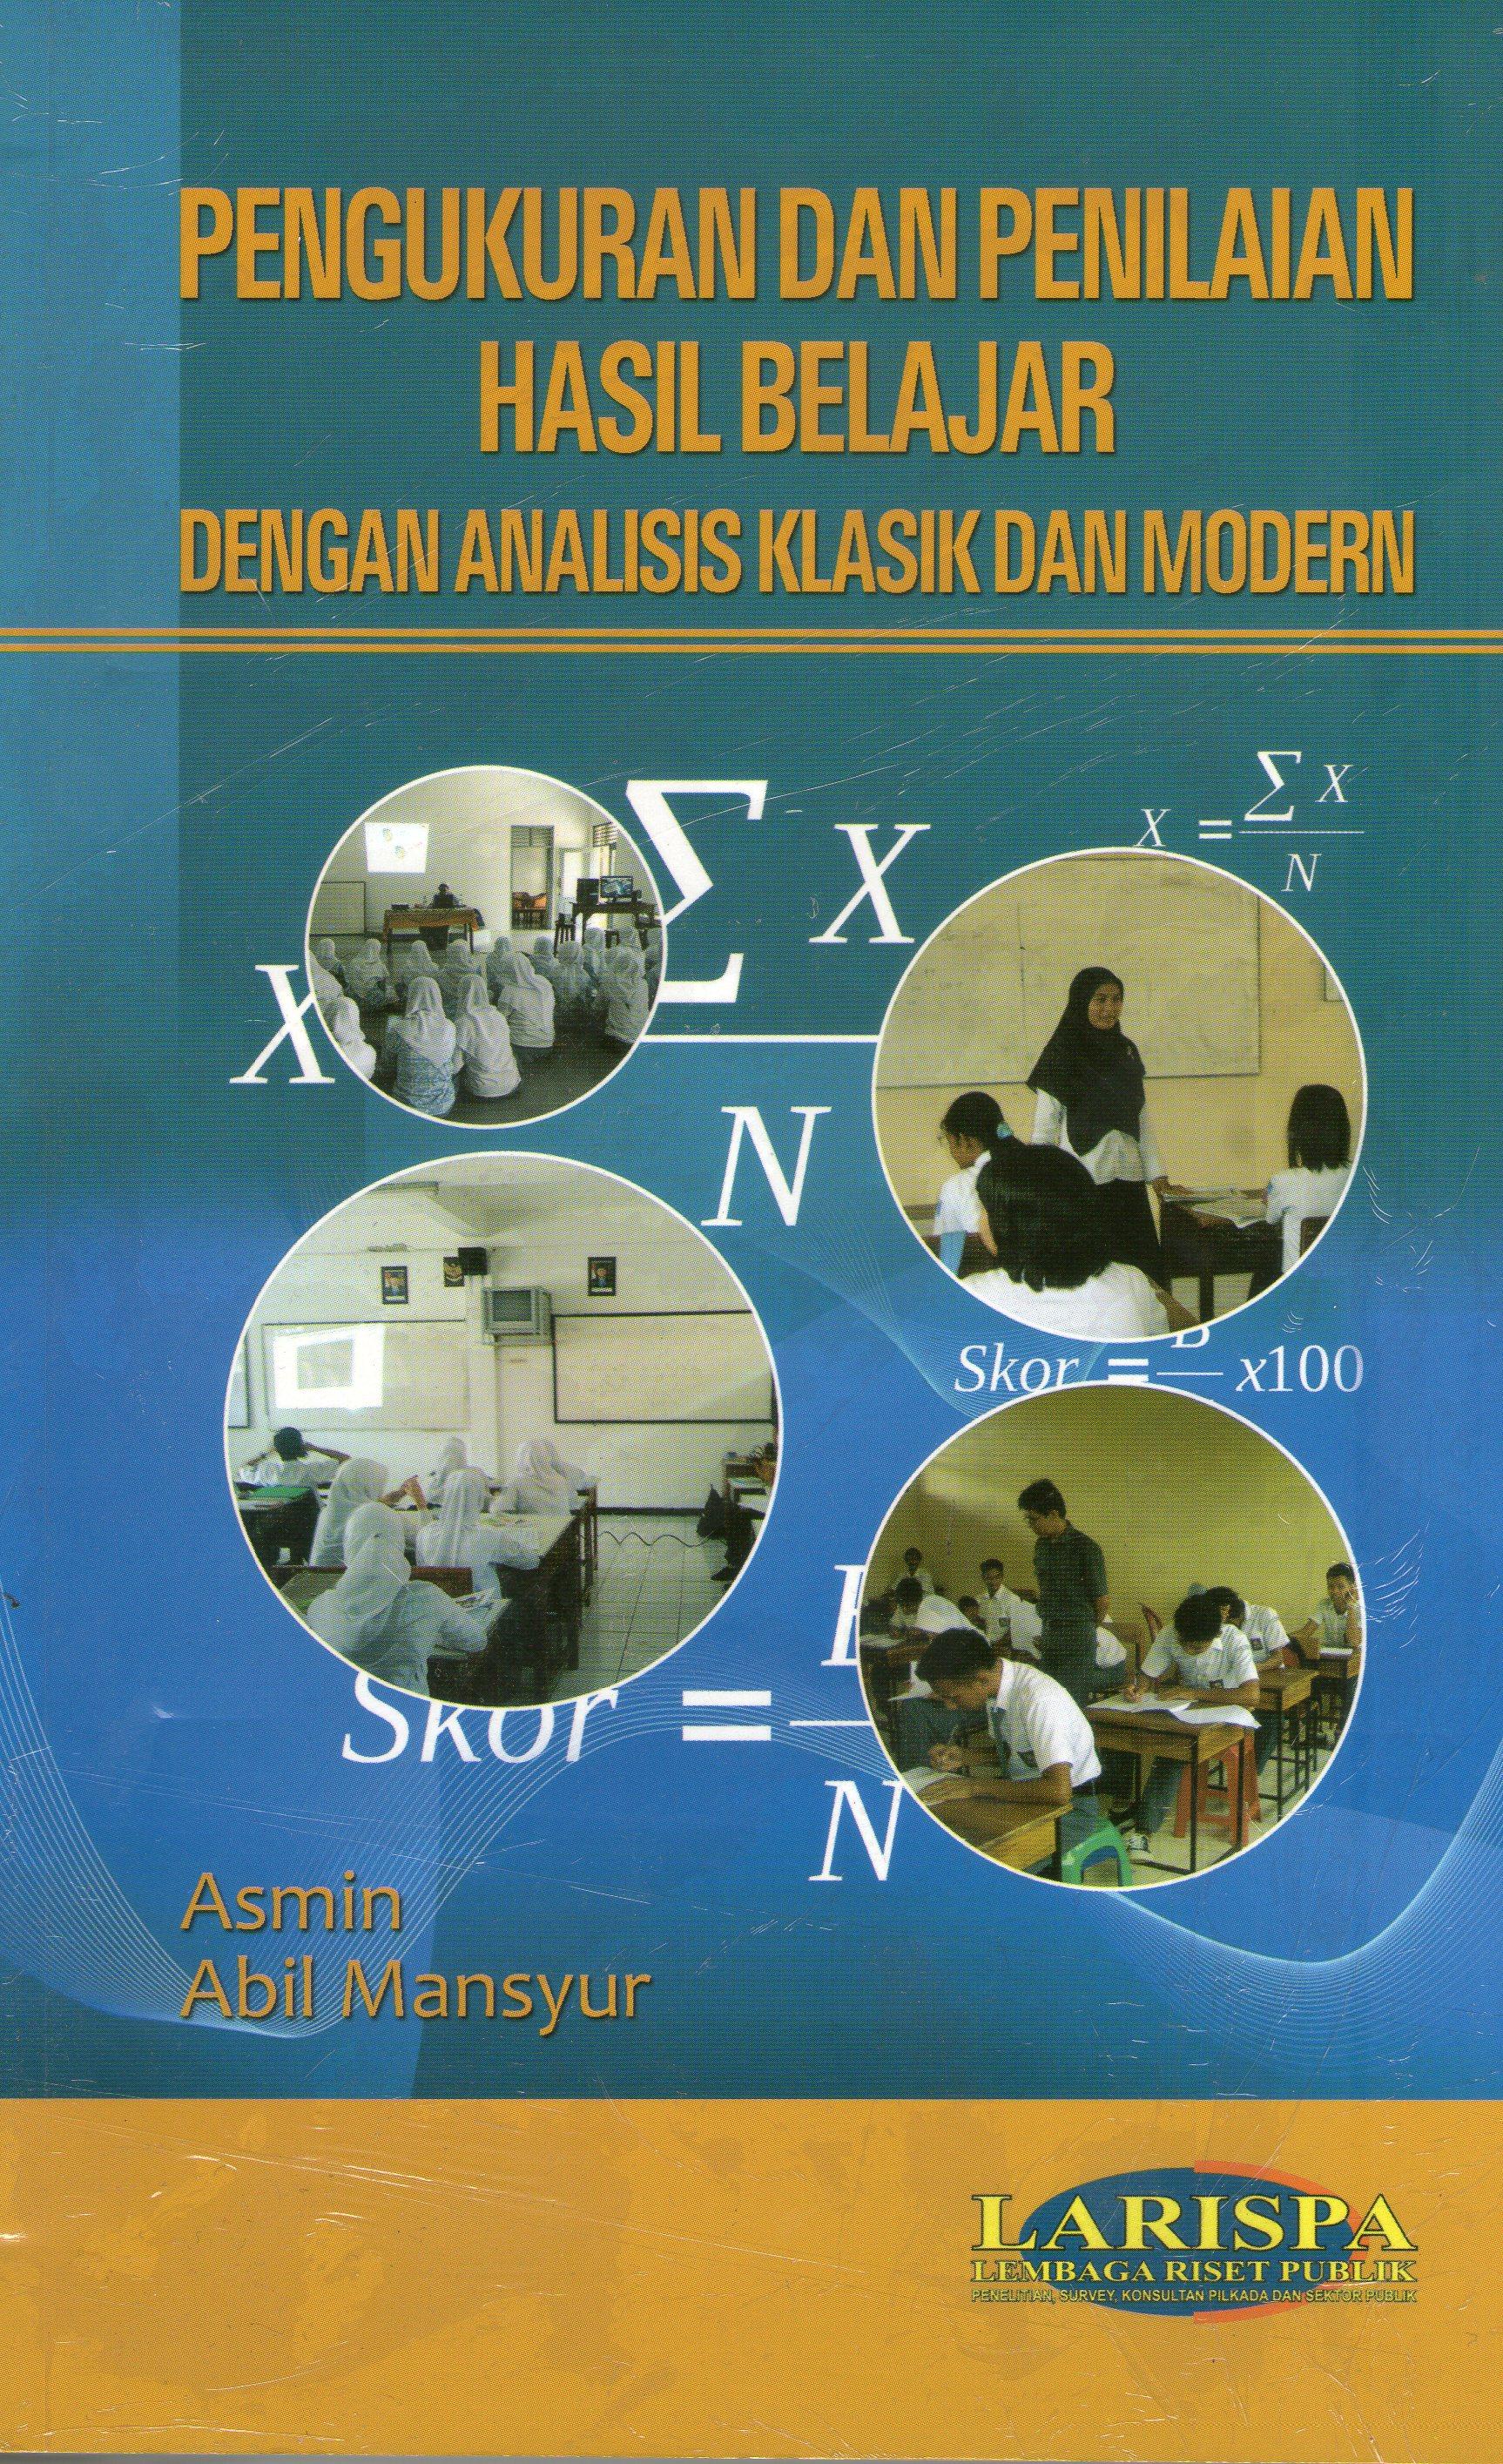 Pengukuran dan Penilaian Hasil Belajar dengan Analisi Klasik dan Modern